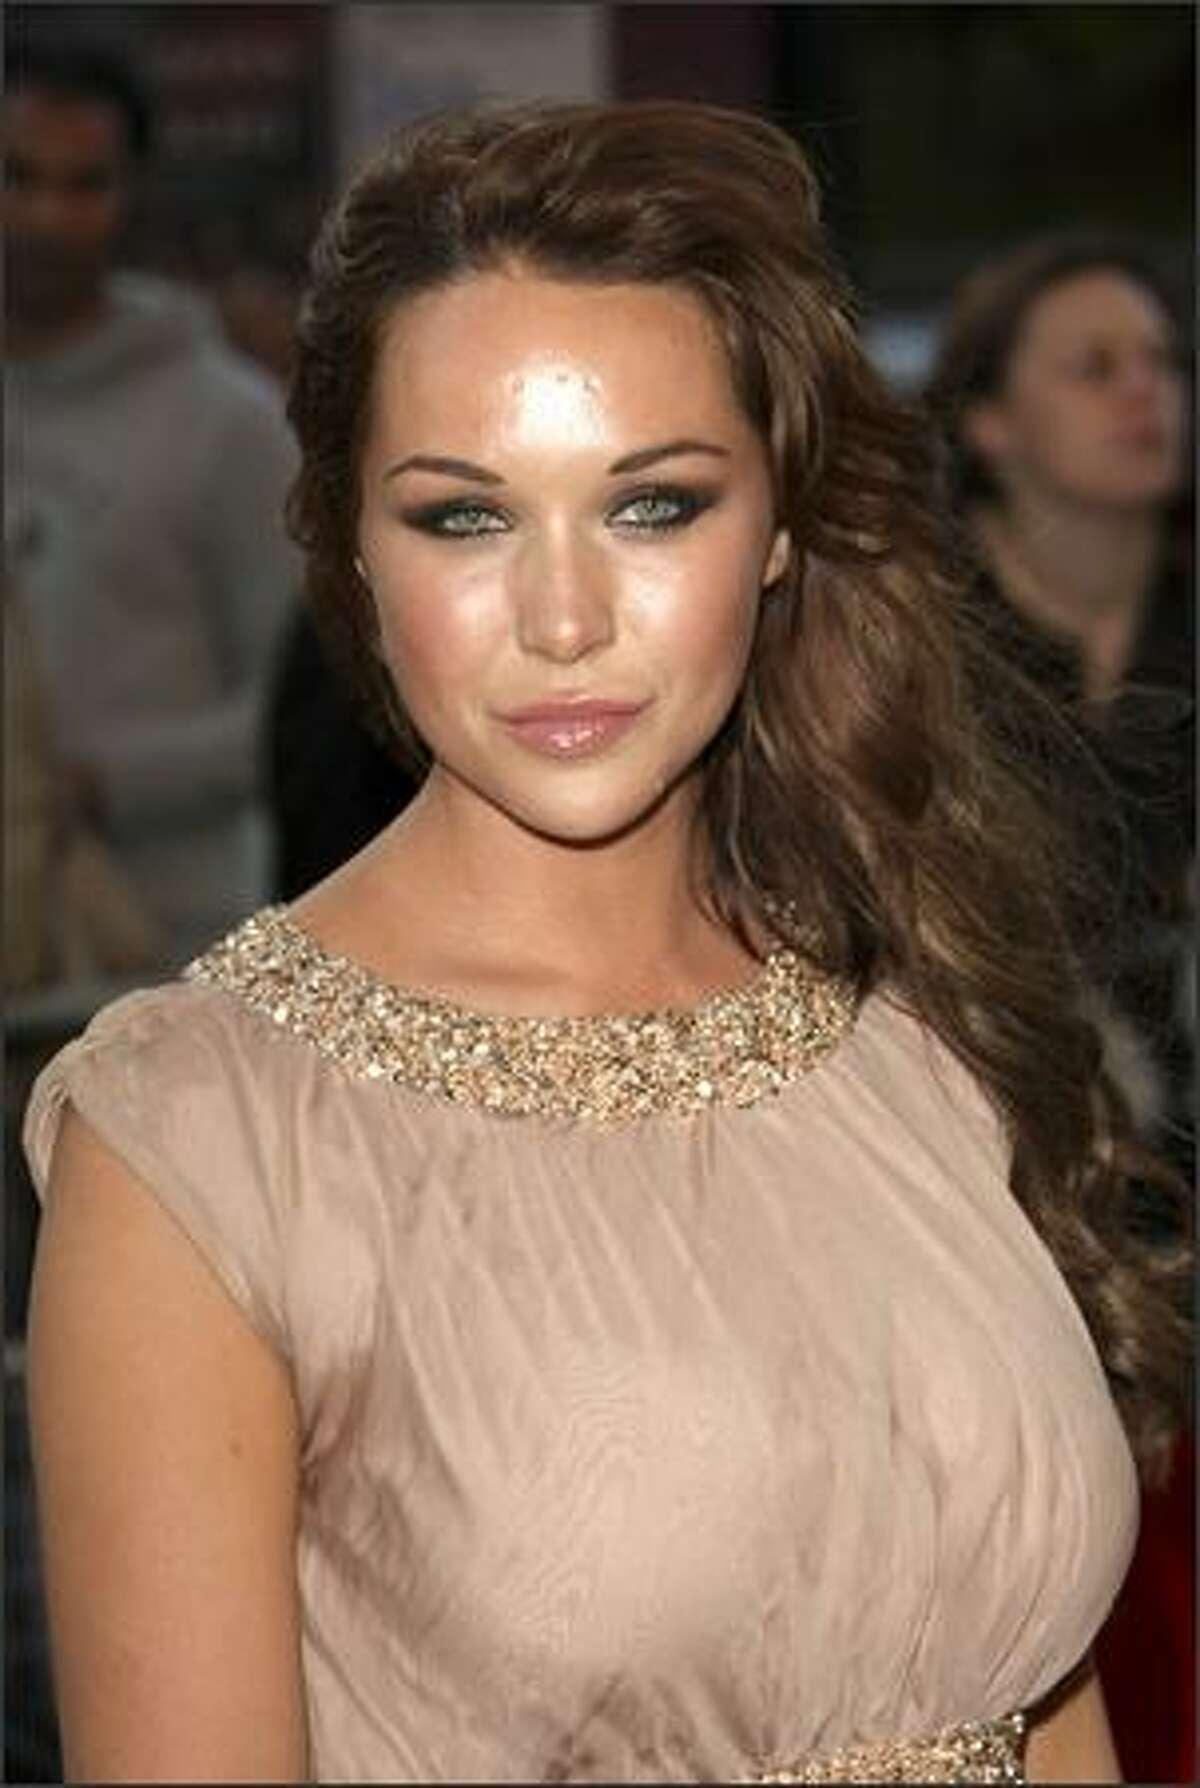 No. 80: Australian model Emily Scott attends (photo taken July 6, 2007).